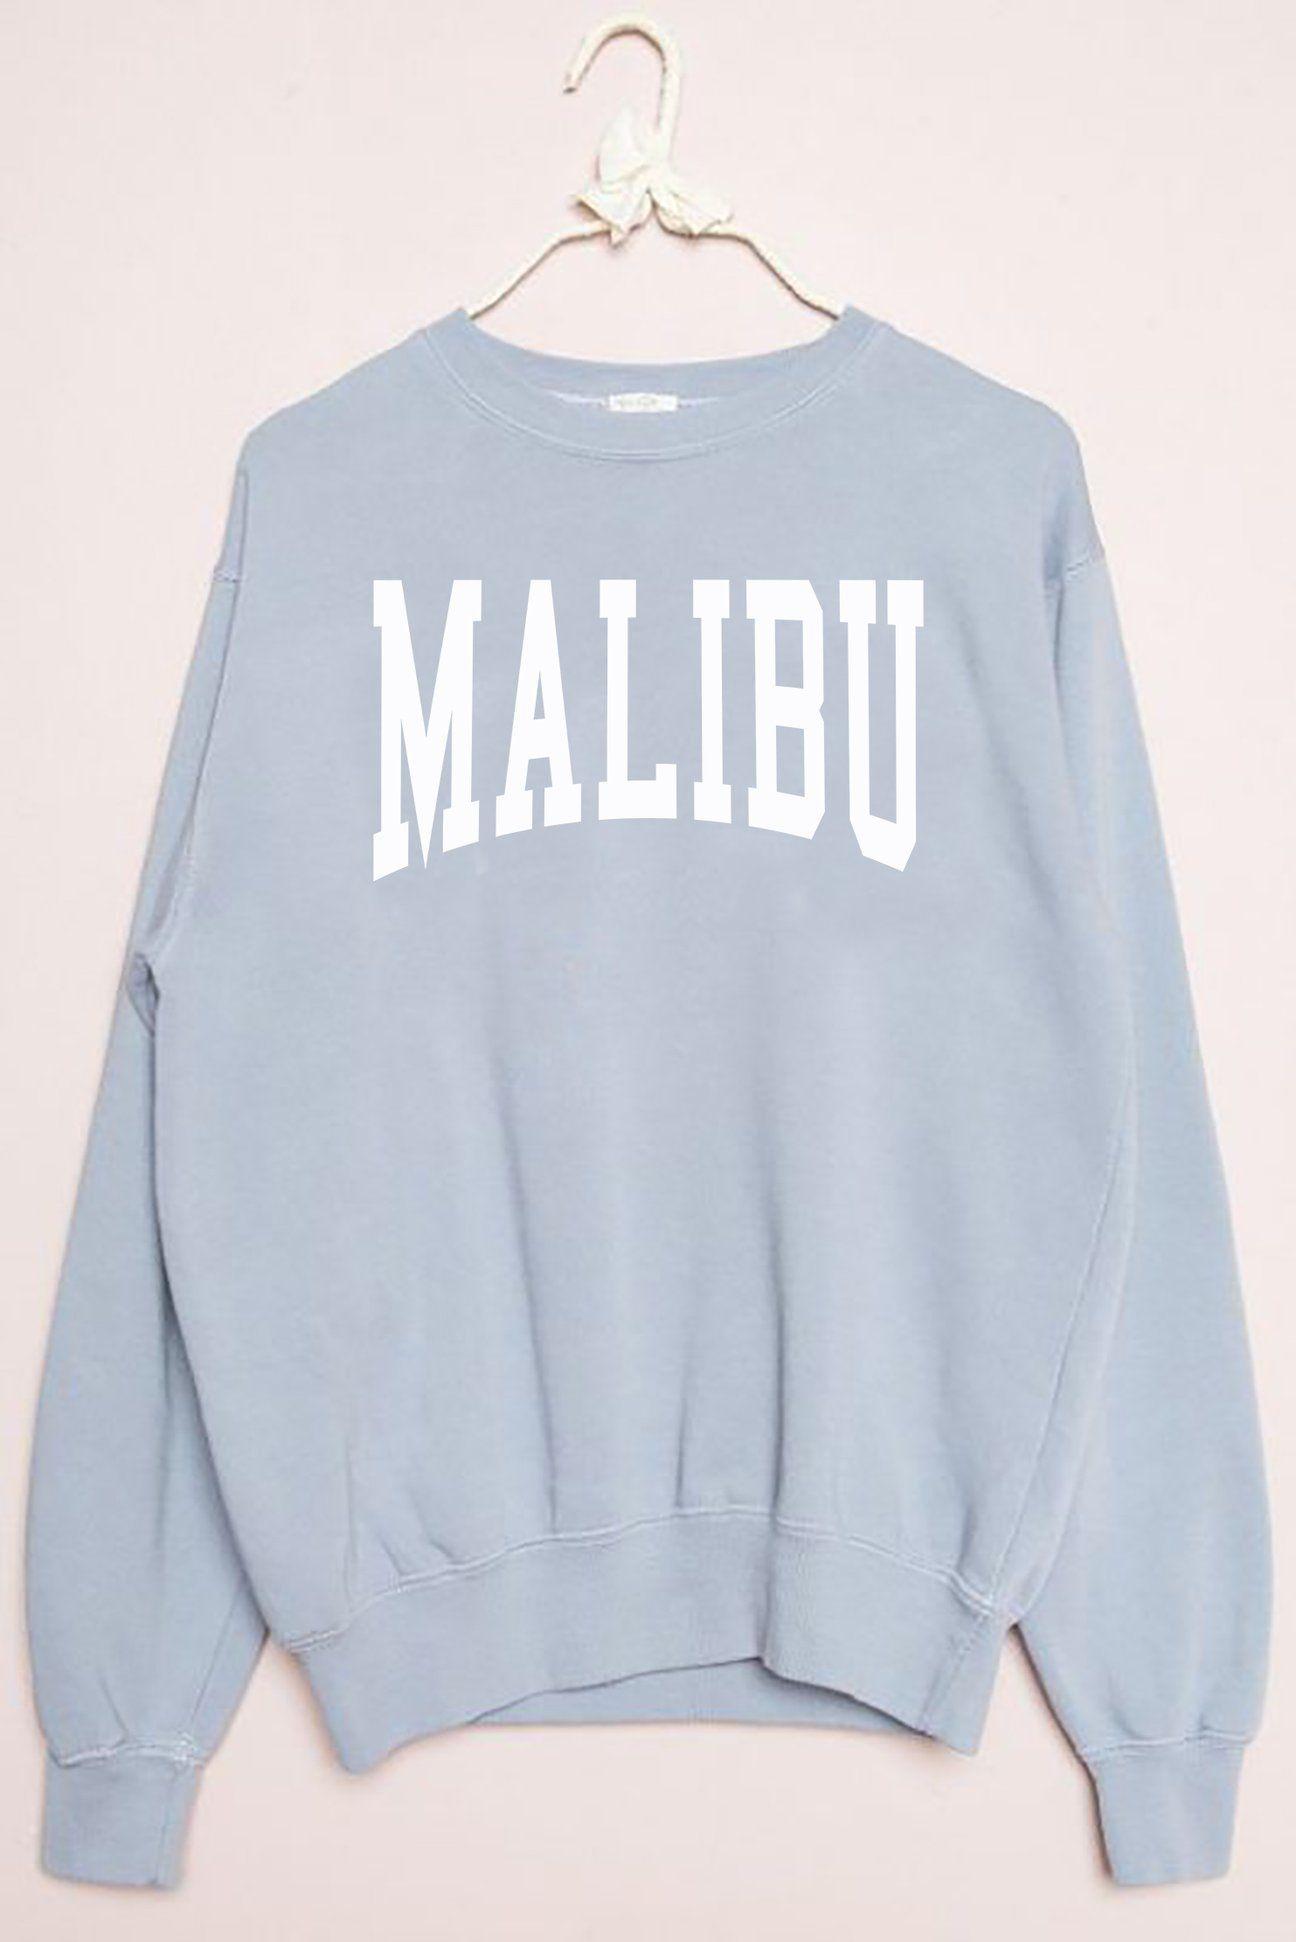 Malibu Sweatshirt in S T Y L E Pinterest Sweatshirts